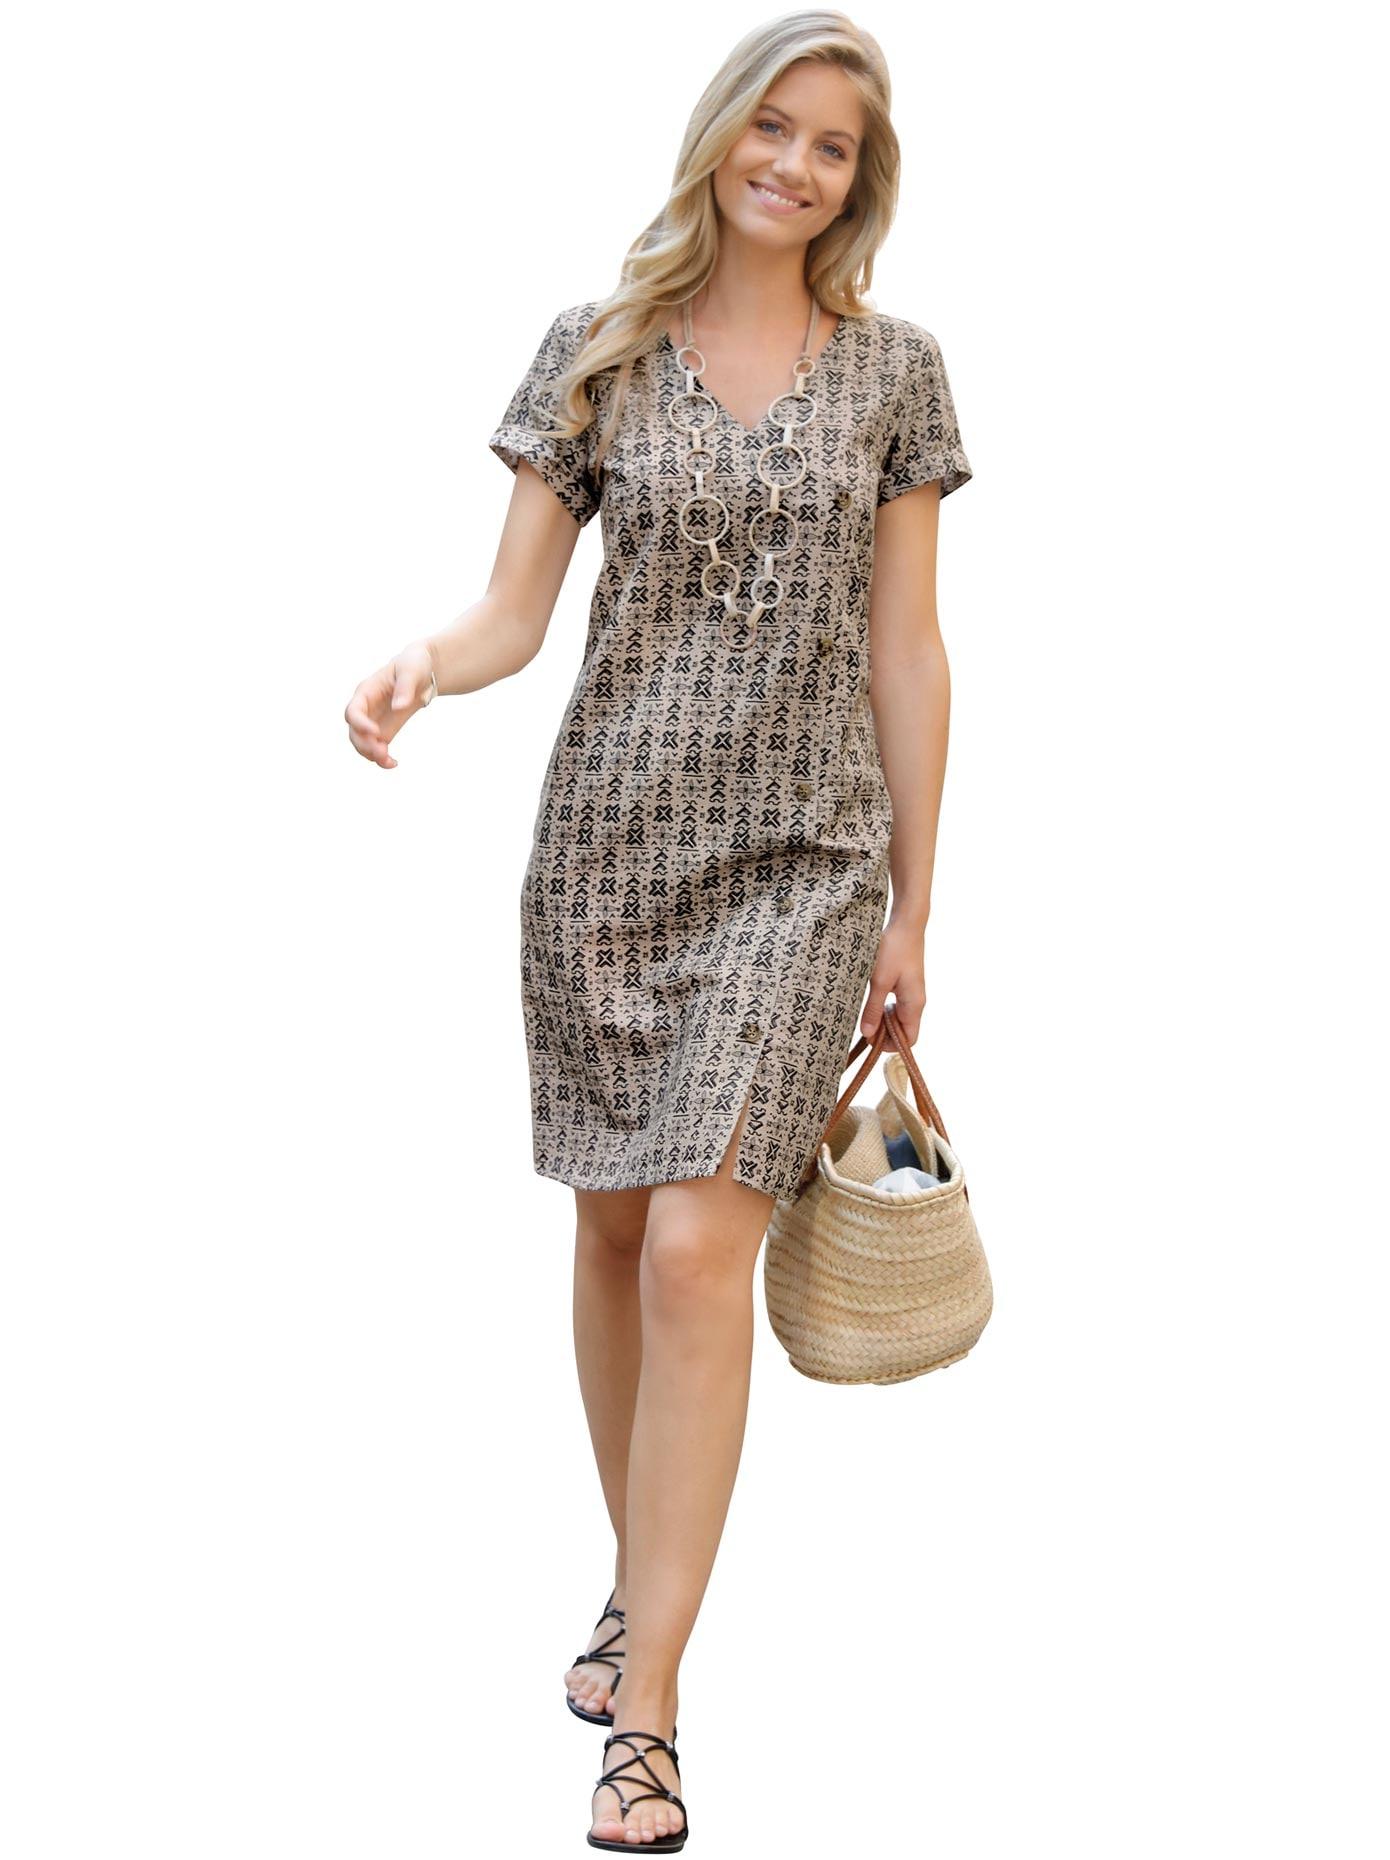 Inspirationen Sommerkleid Leinenkleid braun Damen Leinenkleider Kleider